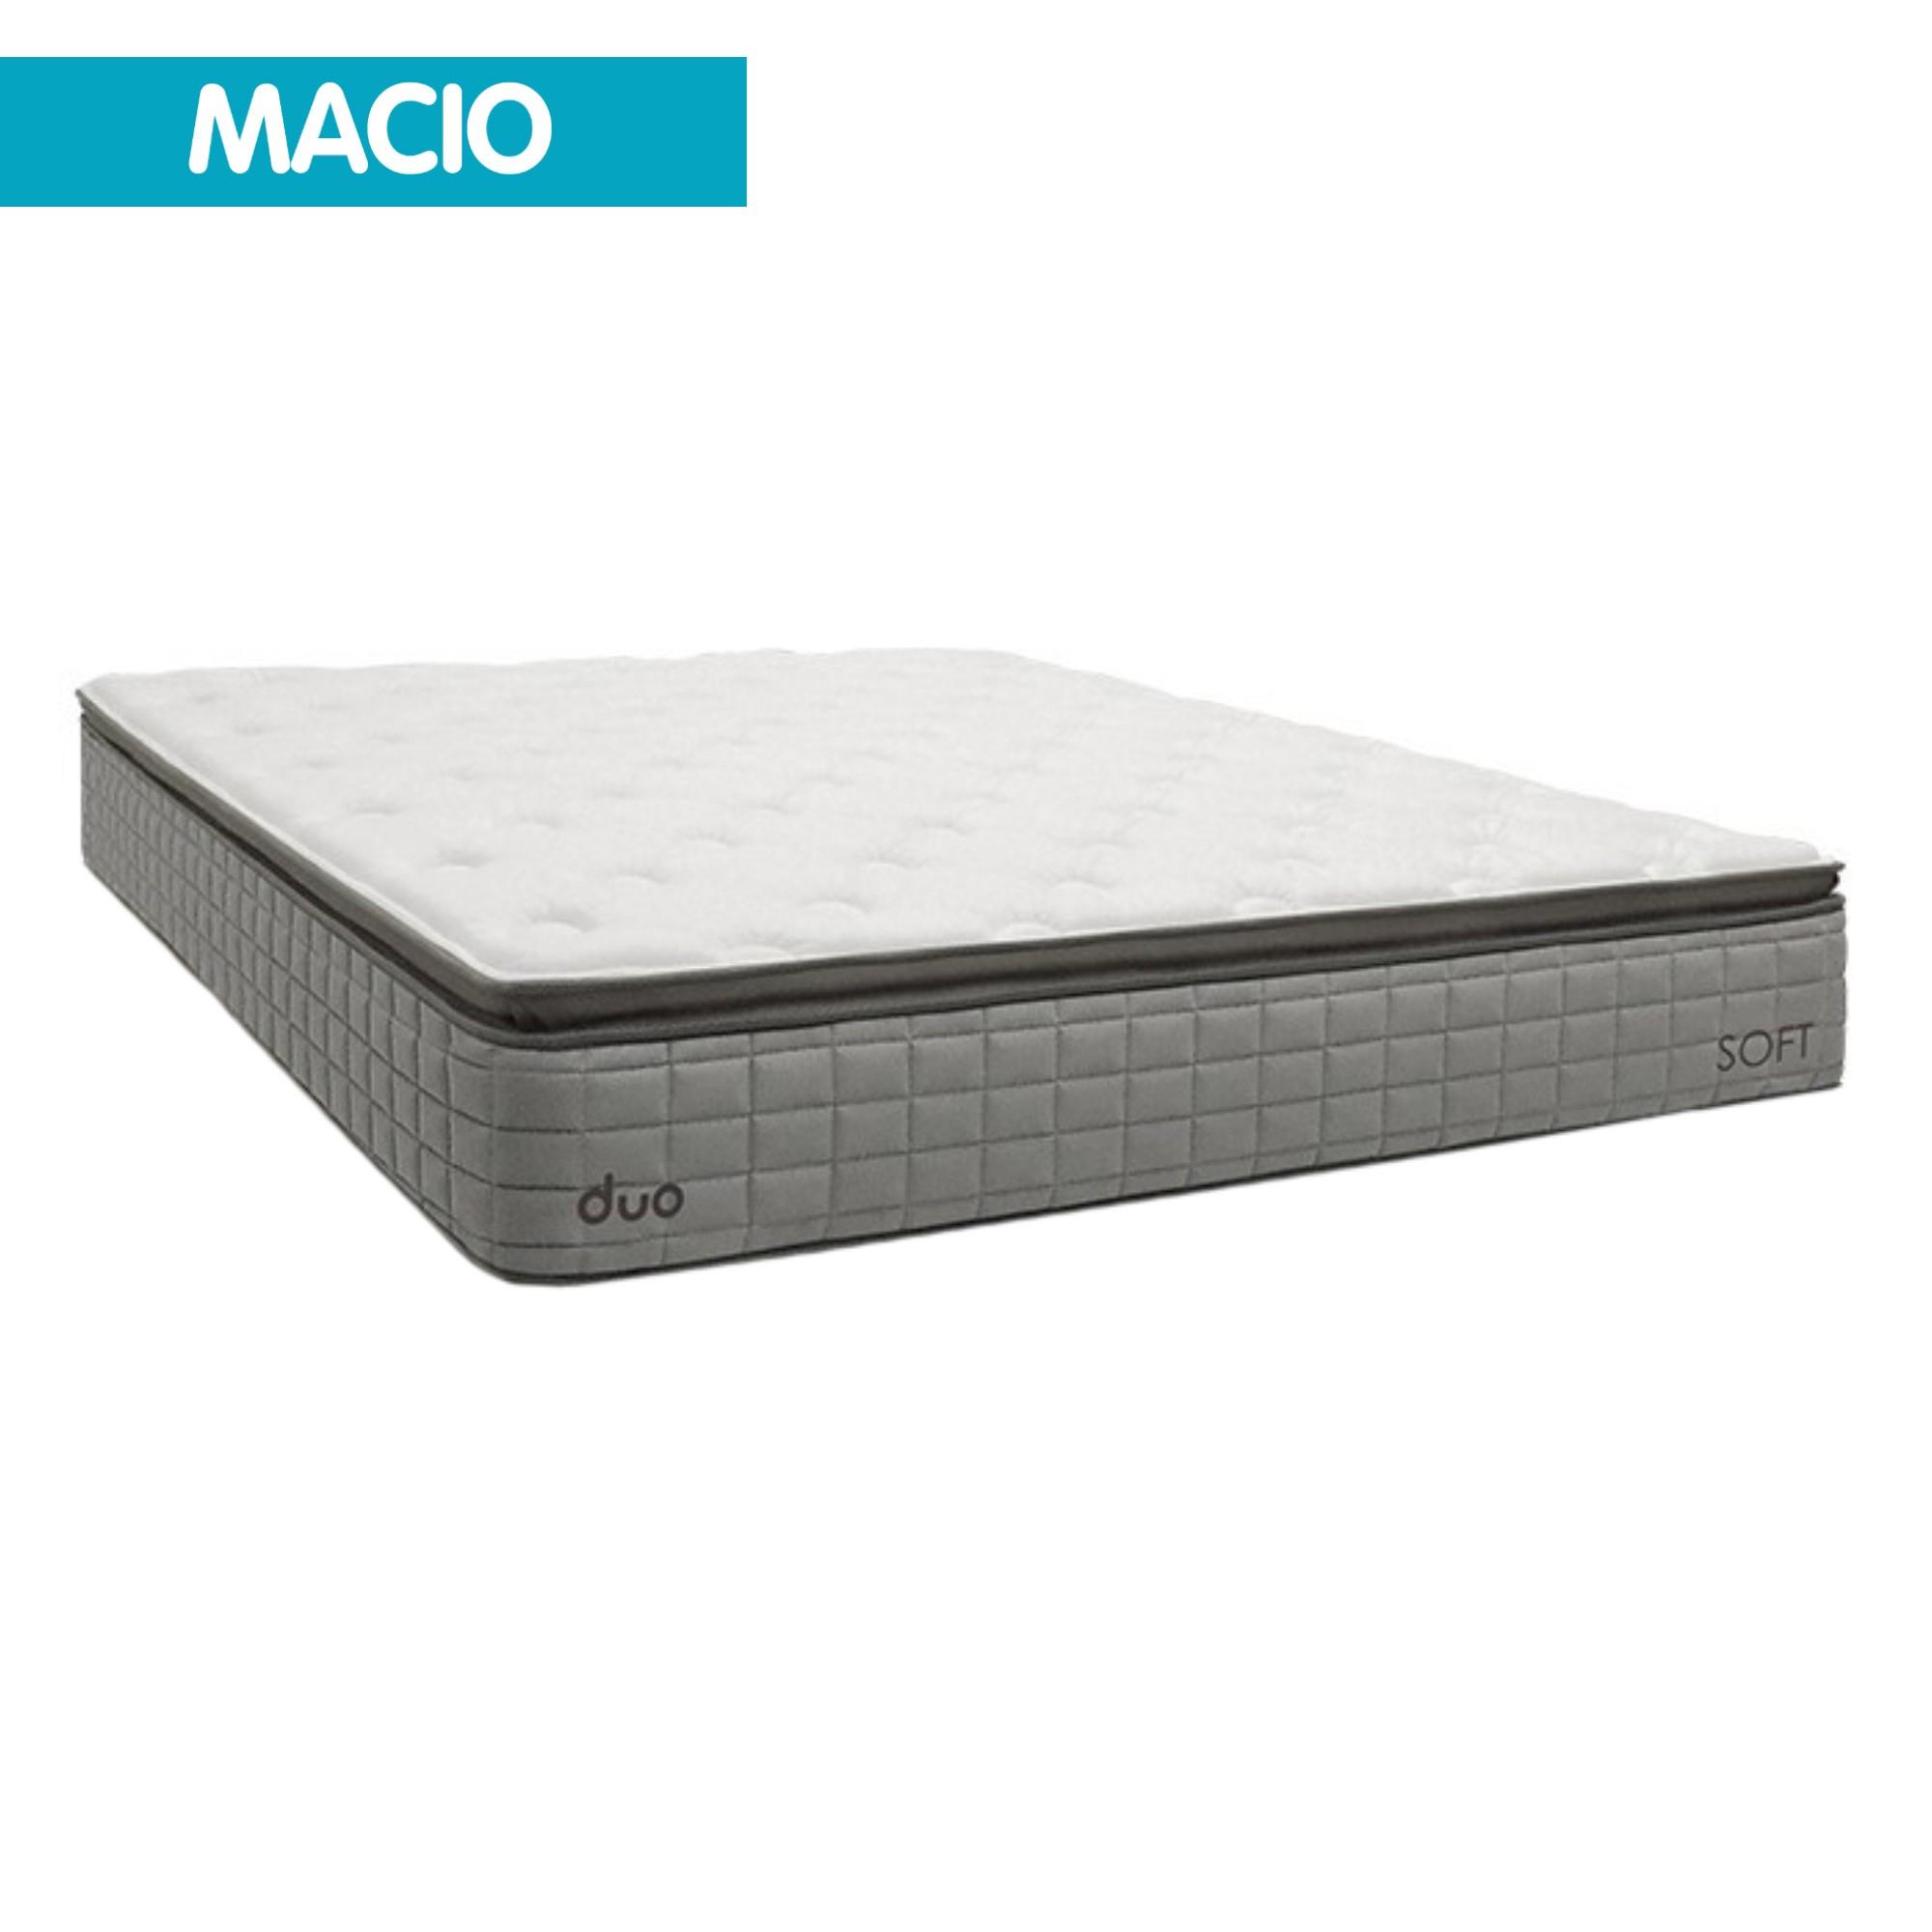 Colchão MGA Duo Soft 30 cm [Casal 138 x 188 cm]